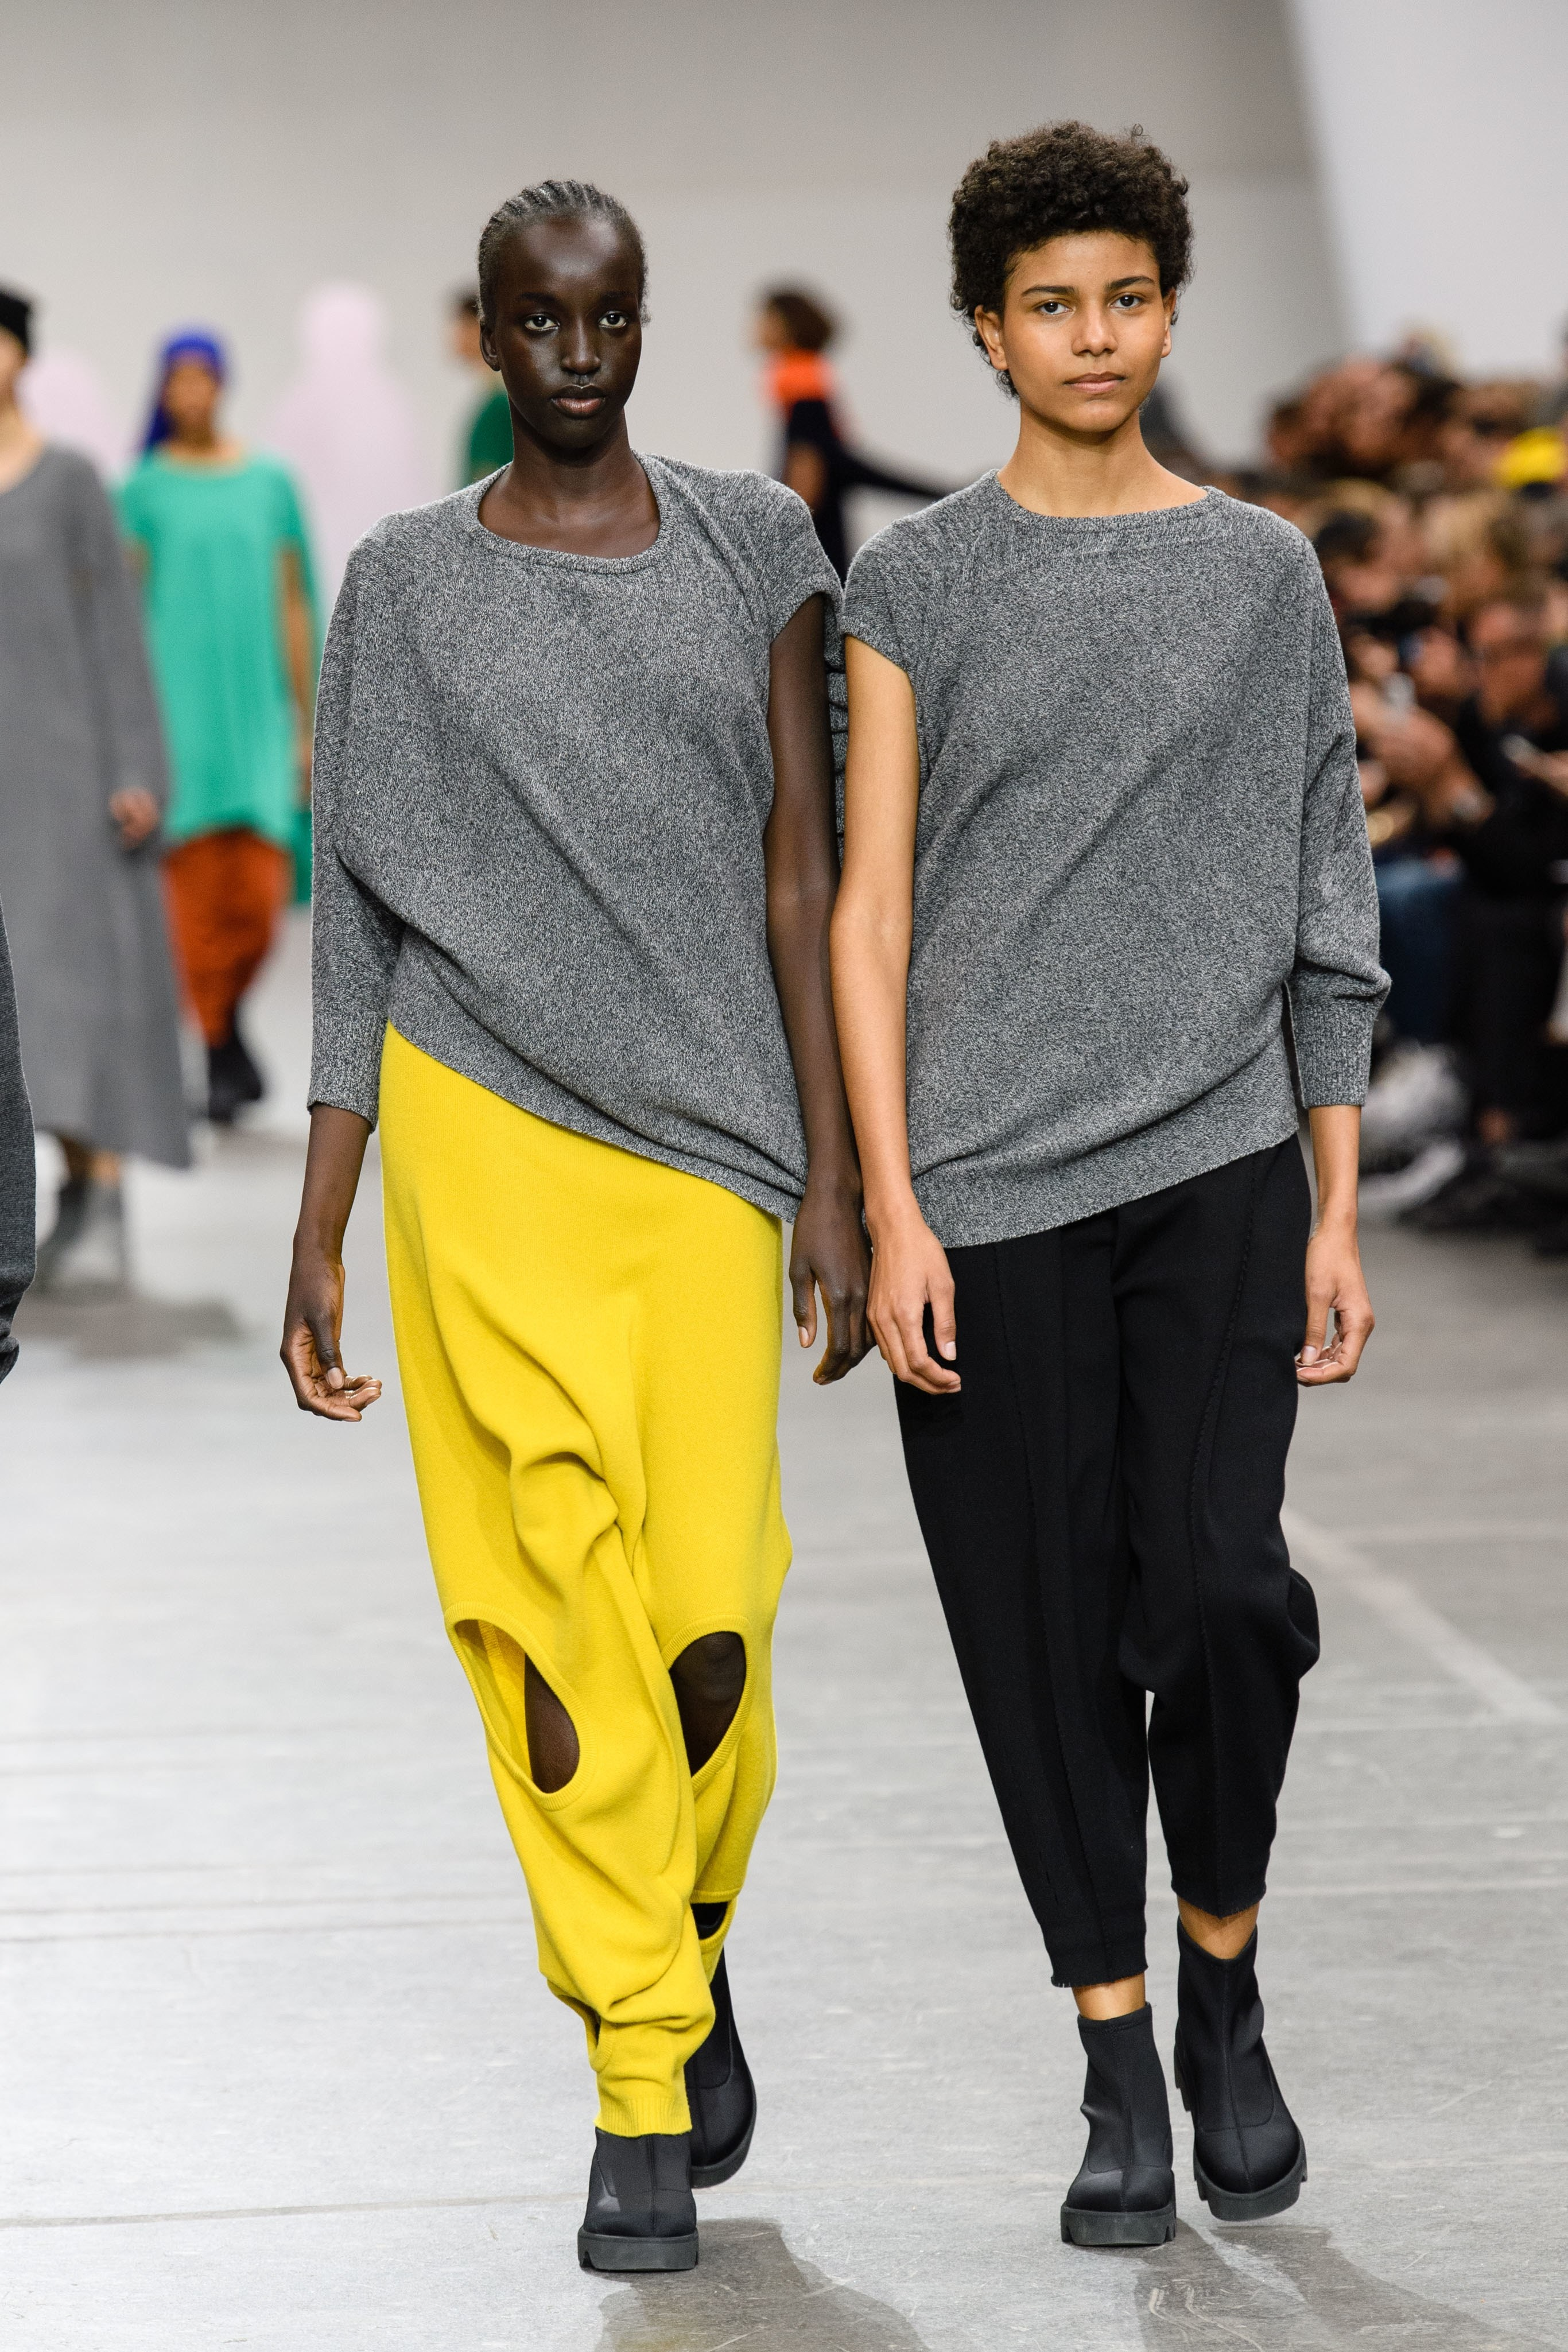 pfw-fw20-eyona-rave-ifanelekileyo zoyilo-evela-kwi-Runways-paris-fashion-veki-yewa-2020